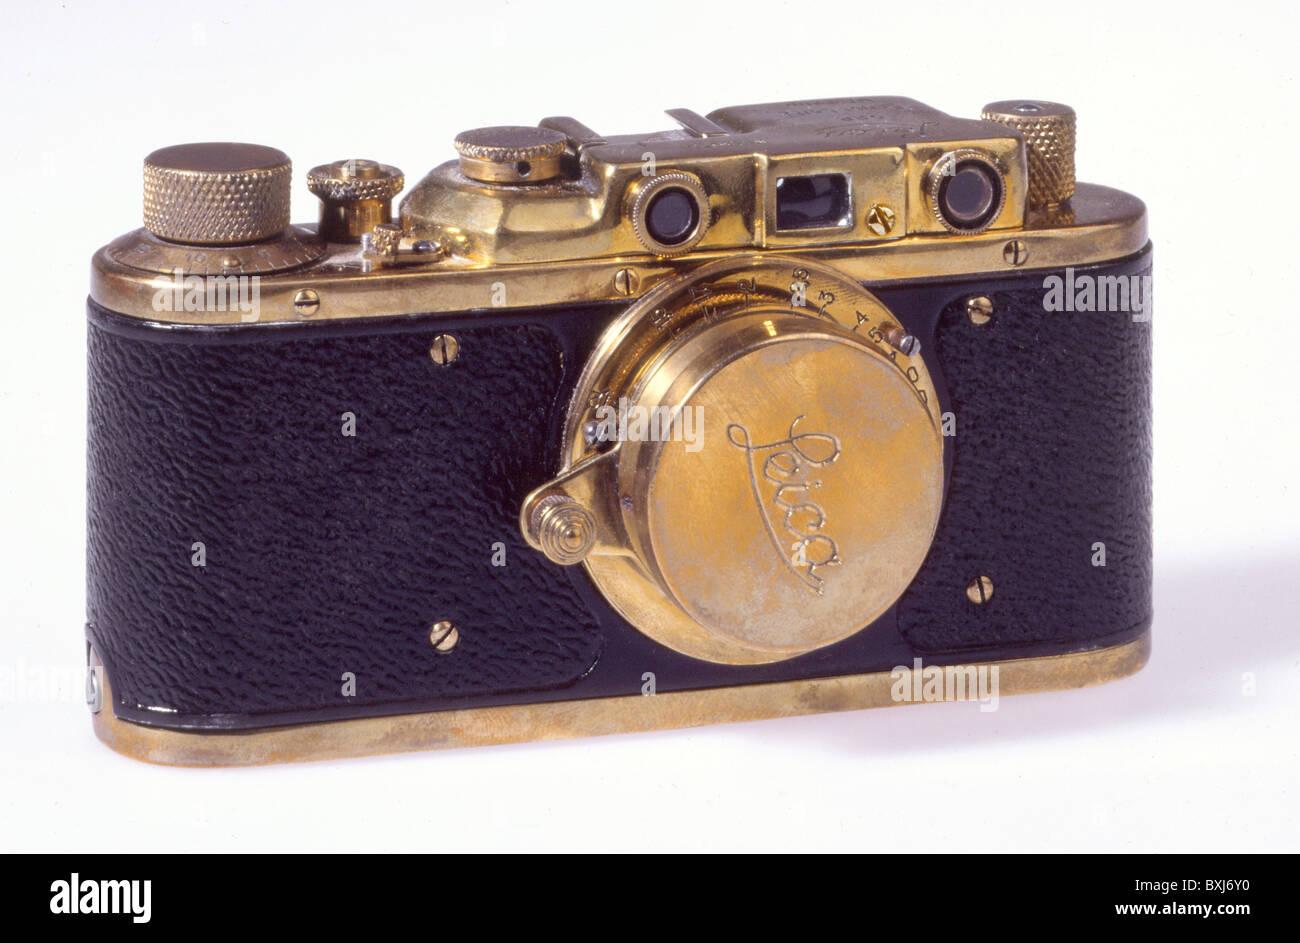 Entfernungsmesser Für Fotografie : Fotografie kameras leica ii ernst leitz wetzlar sonderausgabe